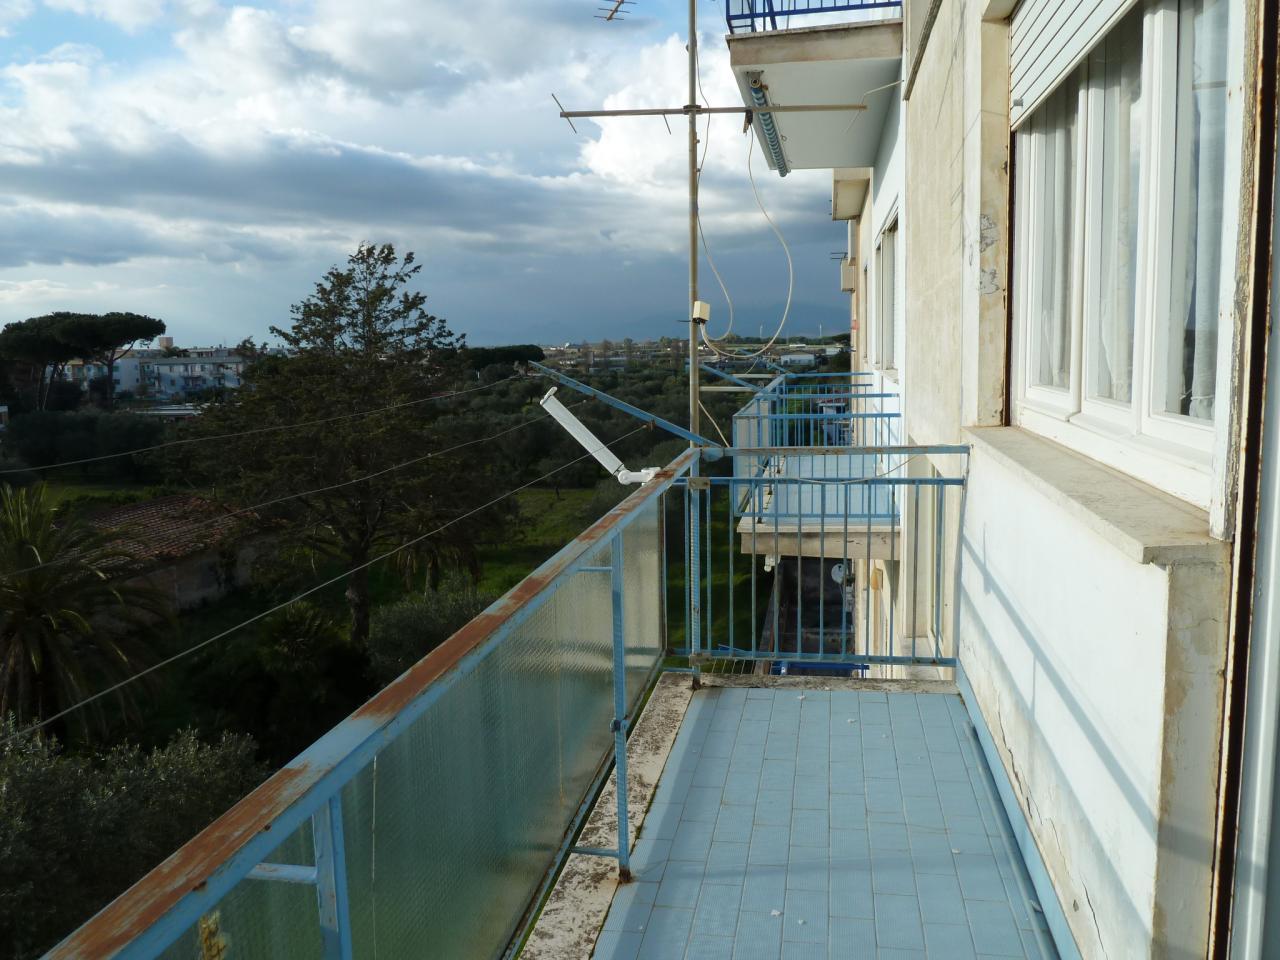 Vendita appartamento Terracina